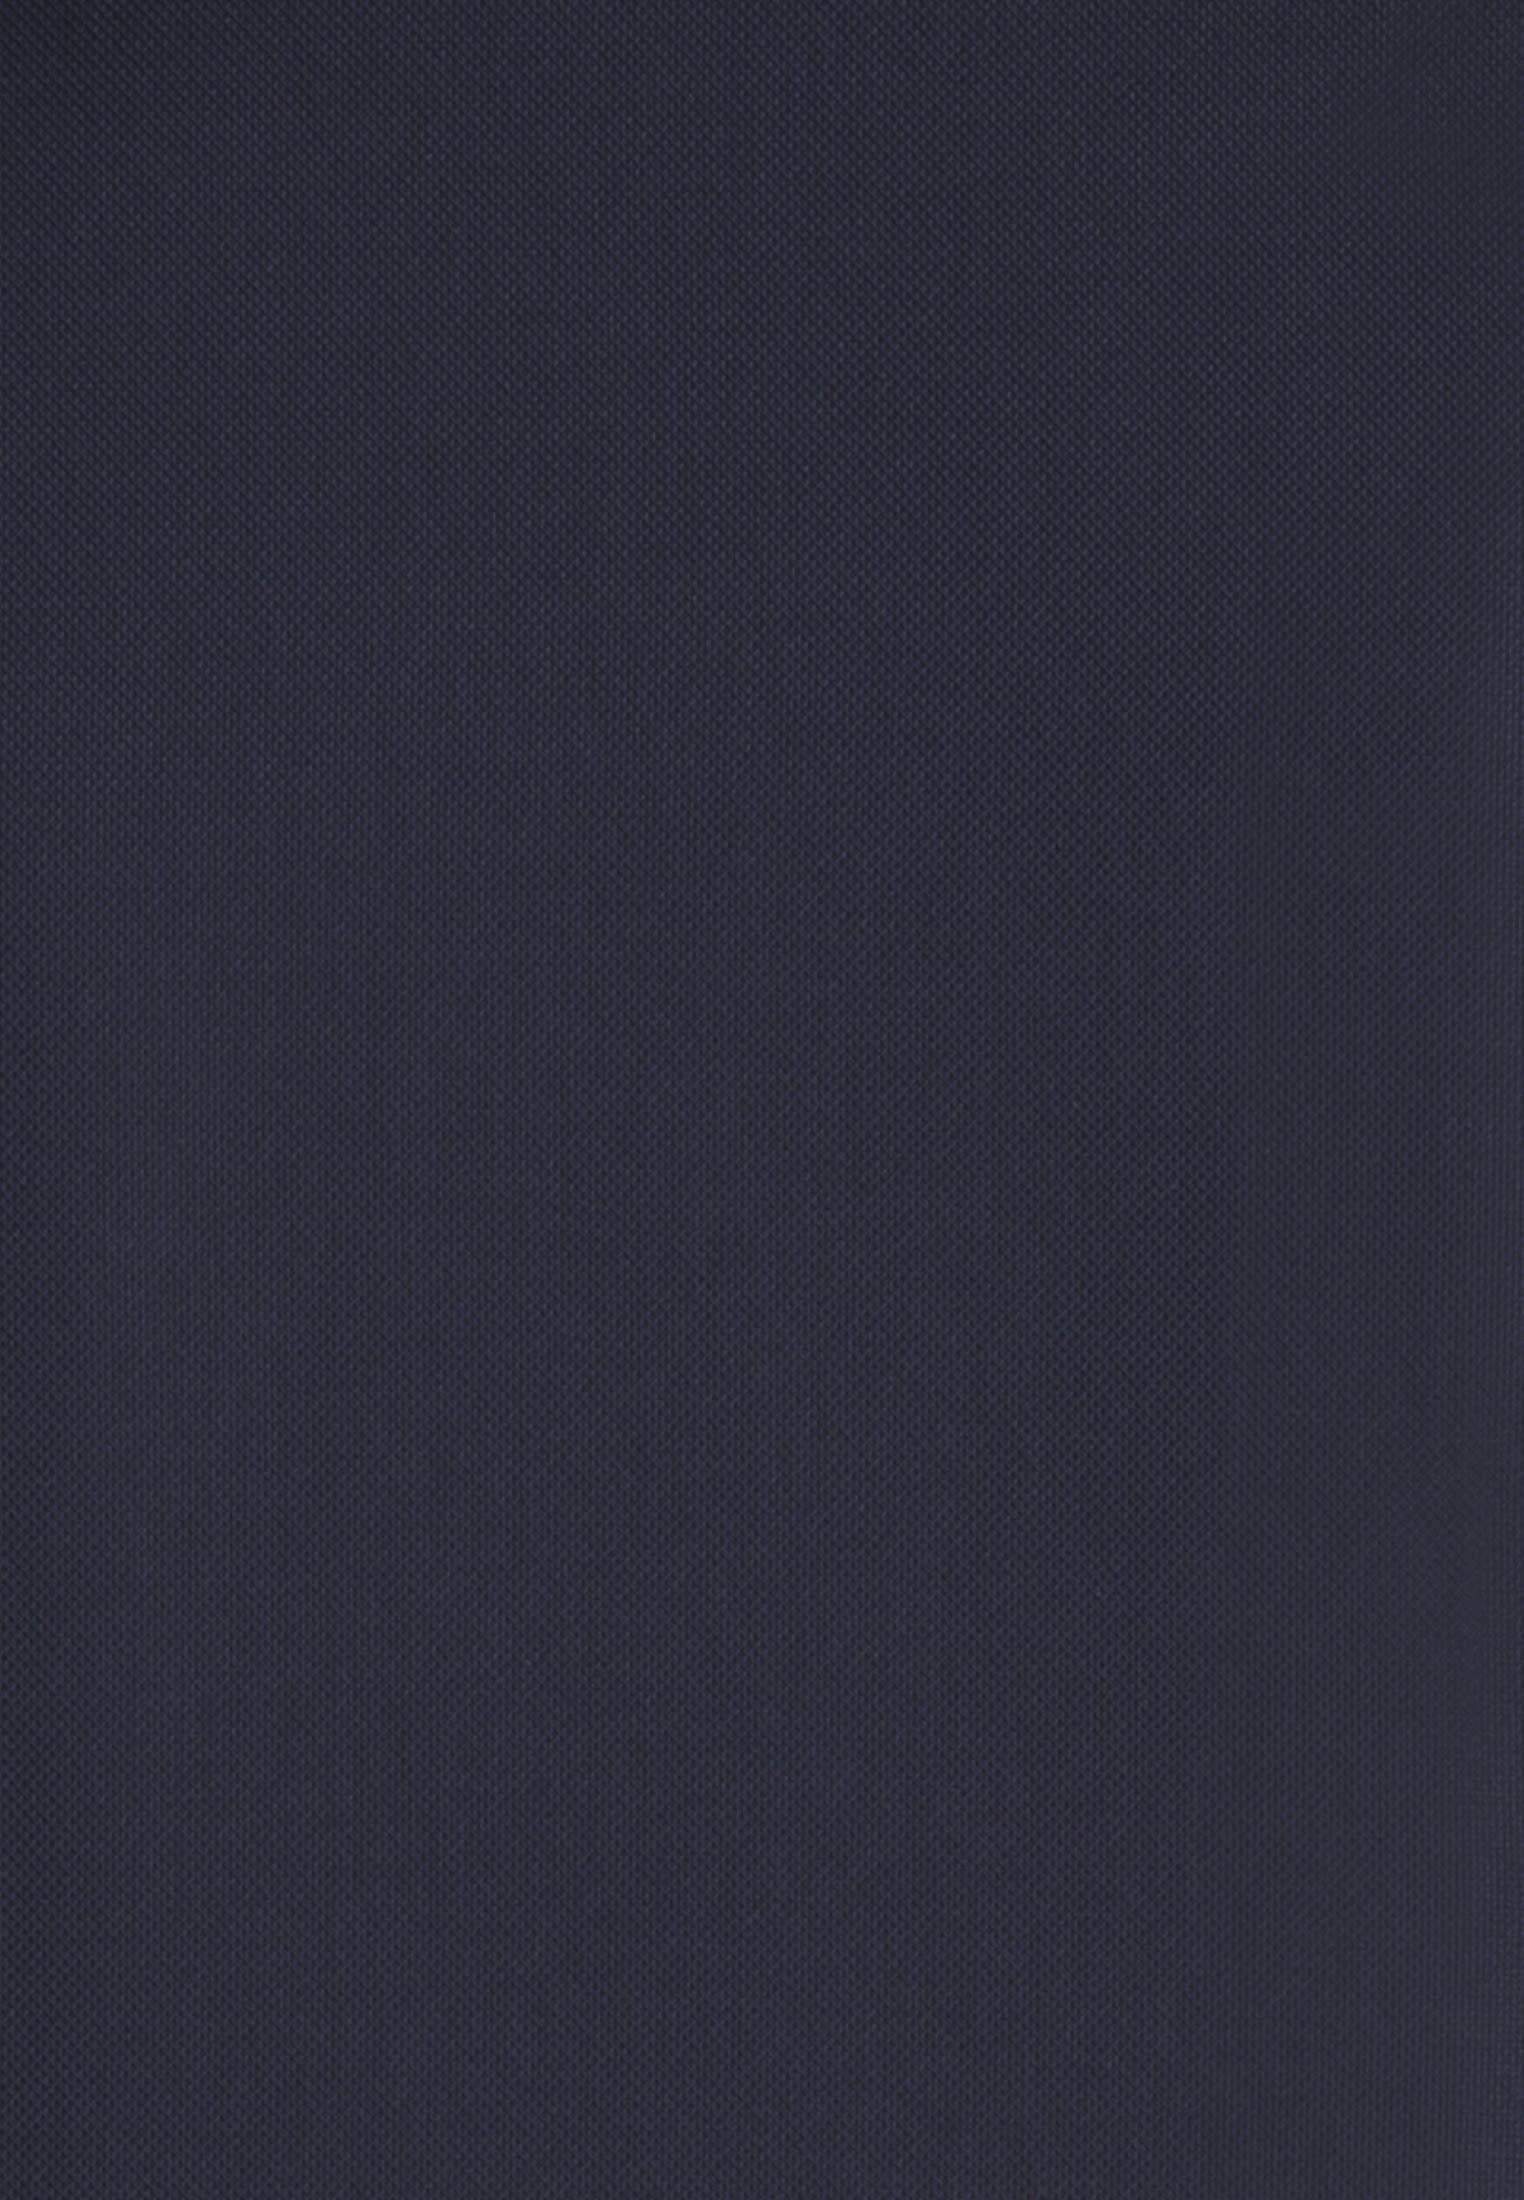 Struktur Business Hemd in Custom Fit mit Haifischkragen in Schwarz |  Jacques Britt Onlineshop